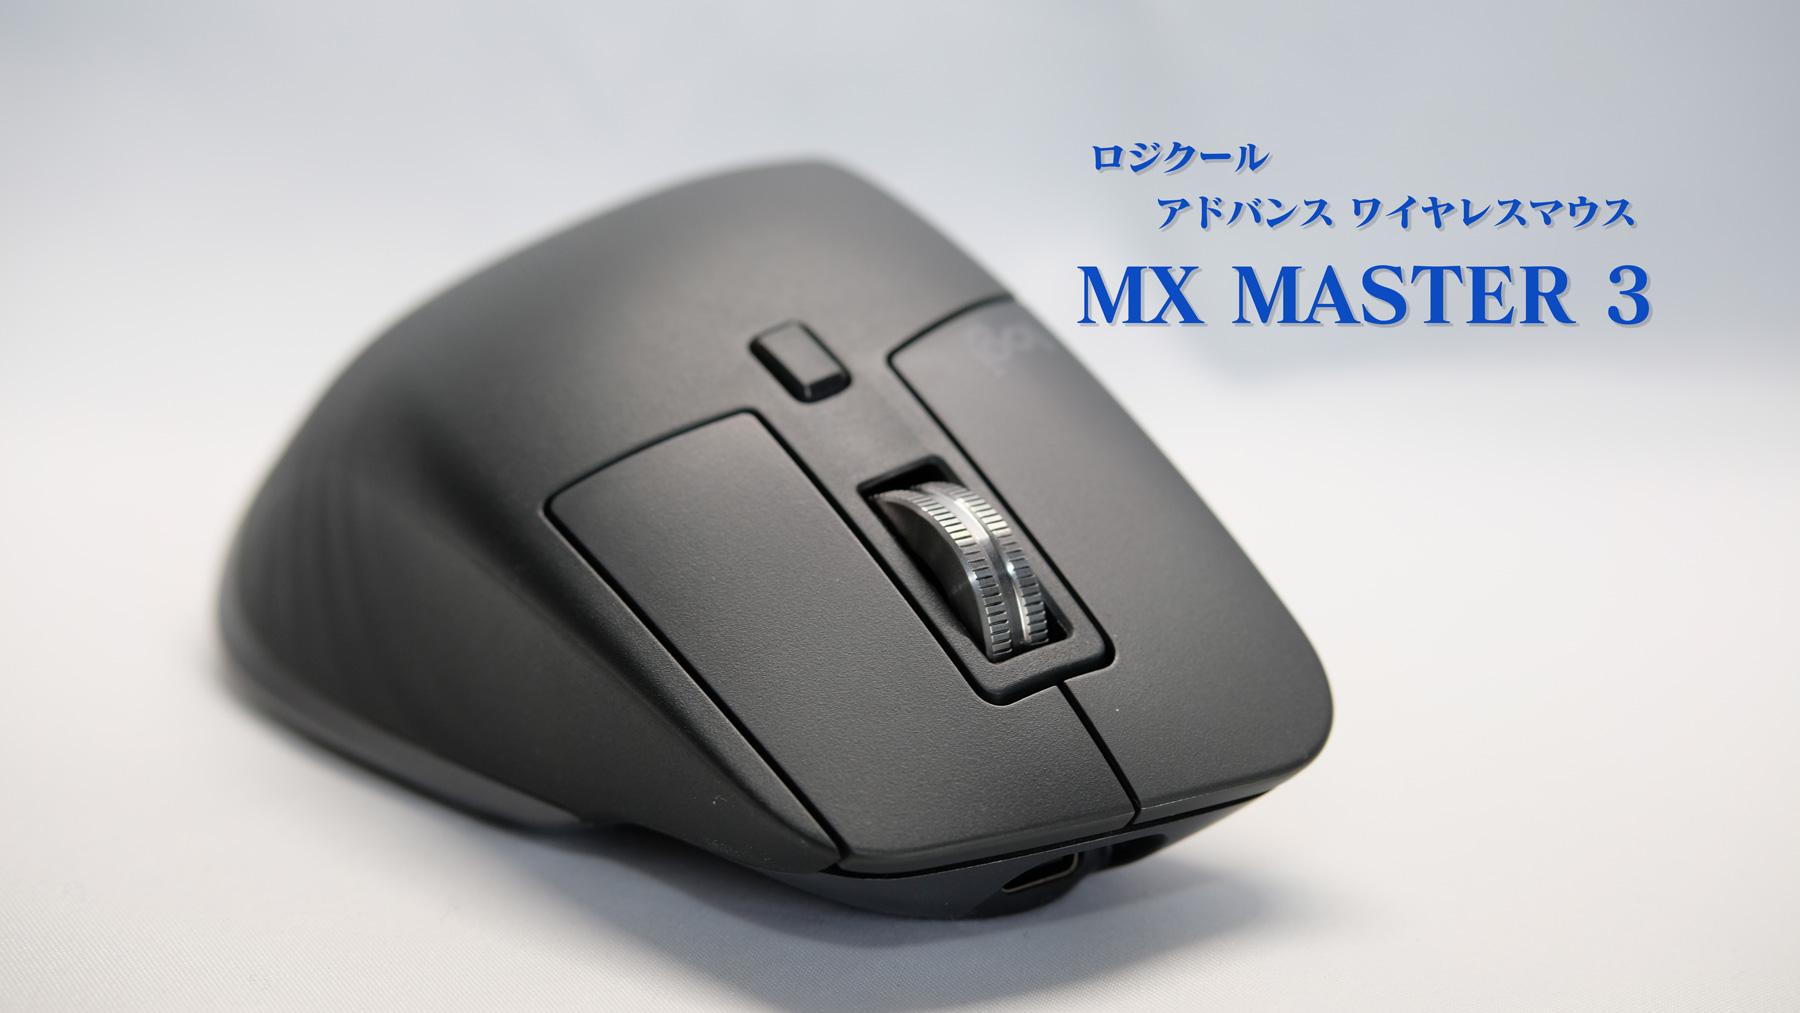 ロジクール アドバンス ワイヤレスマウス MX Master 3 【レビュー】:業務効率化できちゃうかもしれない。